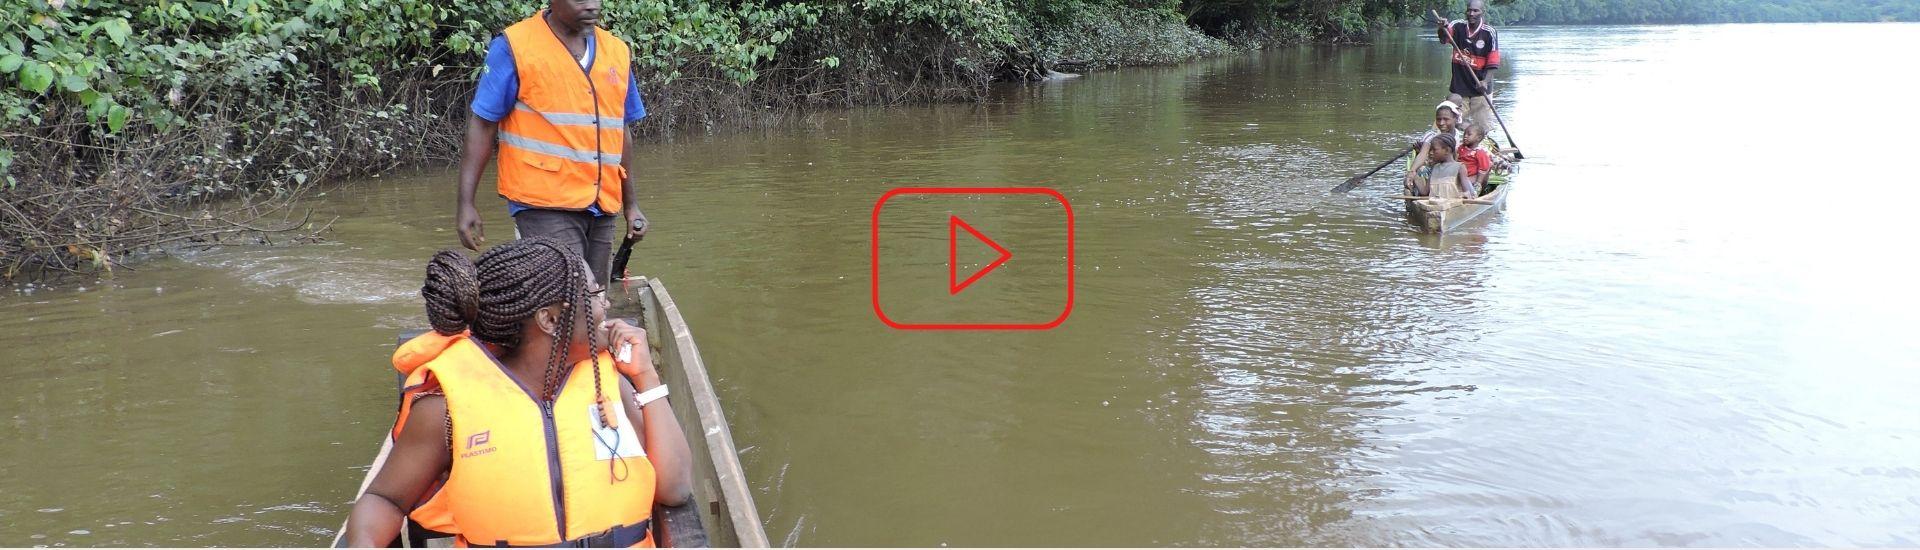 Sur les bords du fleuve Ngoko (part.1) - Minsili ZANGA